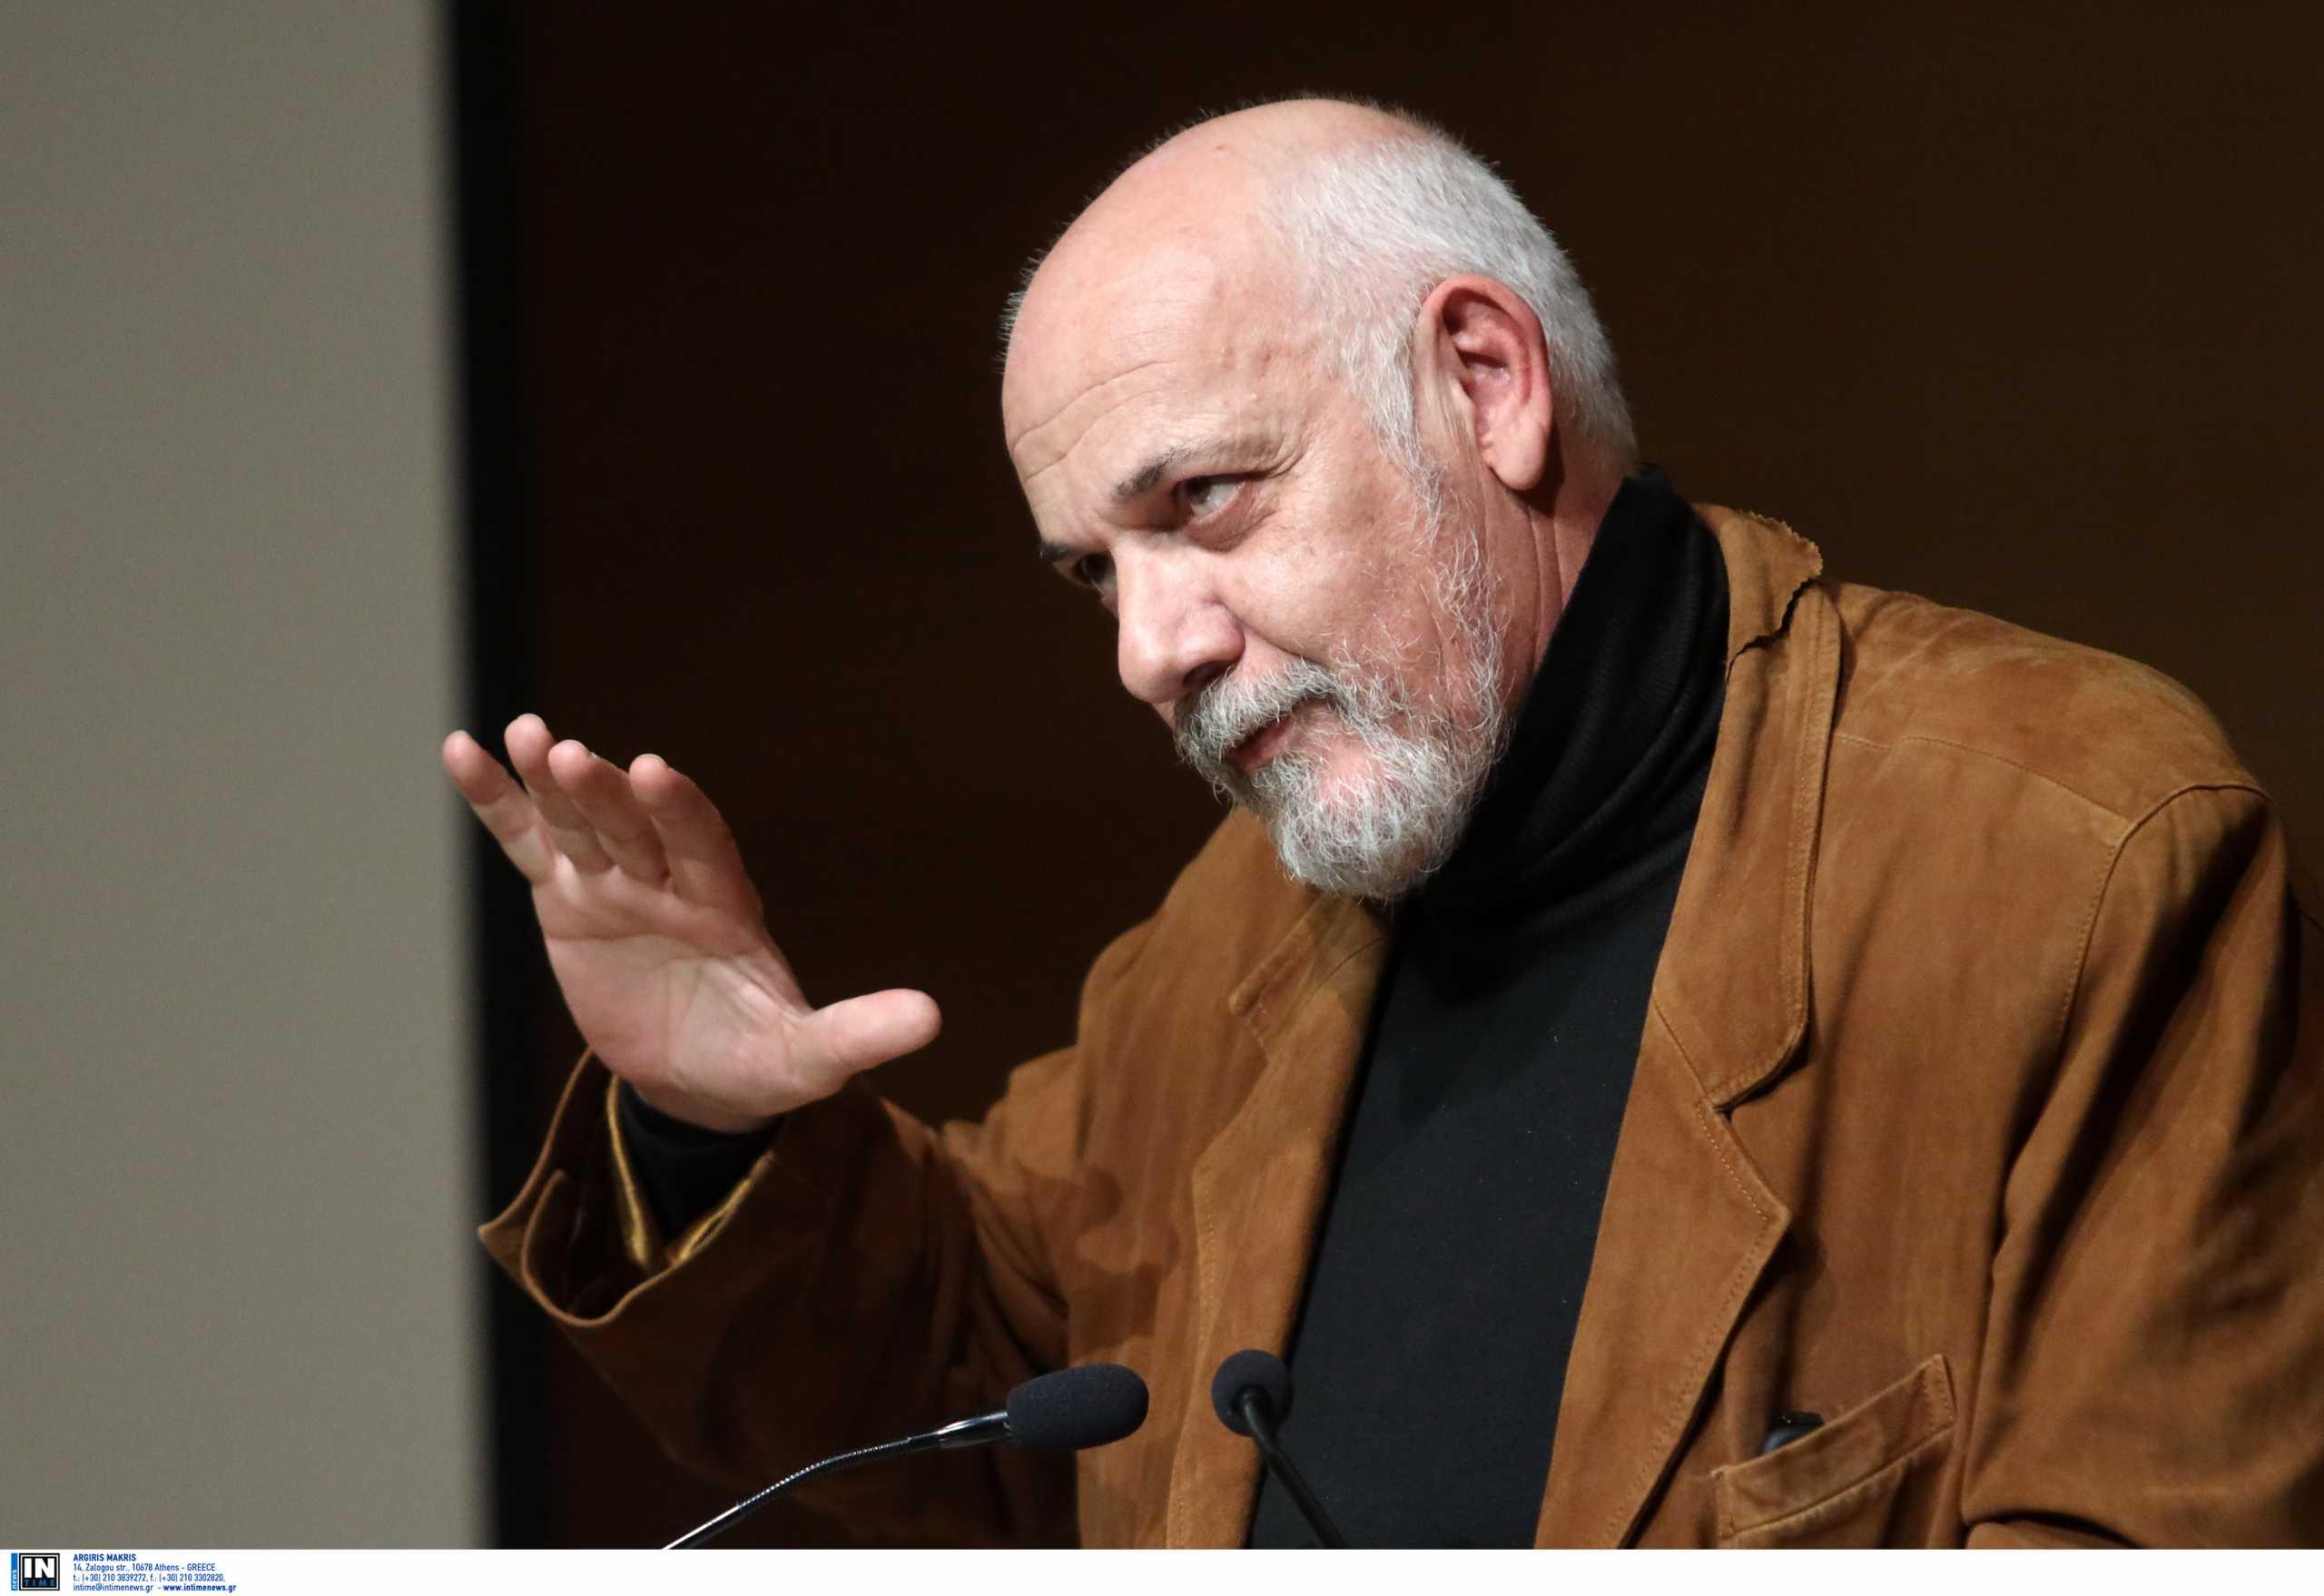 Καταλειφός για Γιώργο Κιμούλη: Η γενιά μας να ζητήσει συγγνώμη – Καφετζόπουλος: Αδικεί τα θύματα